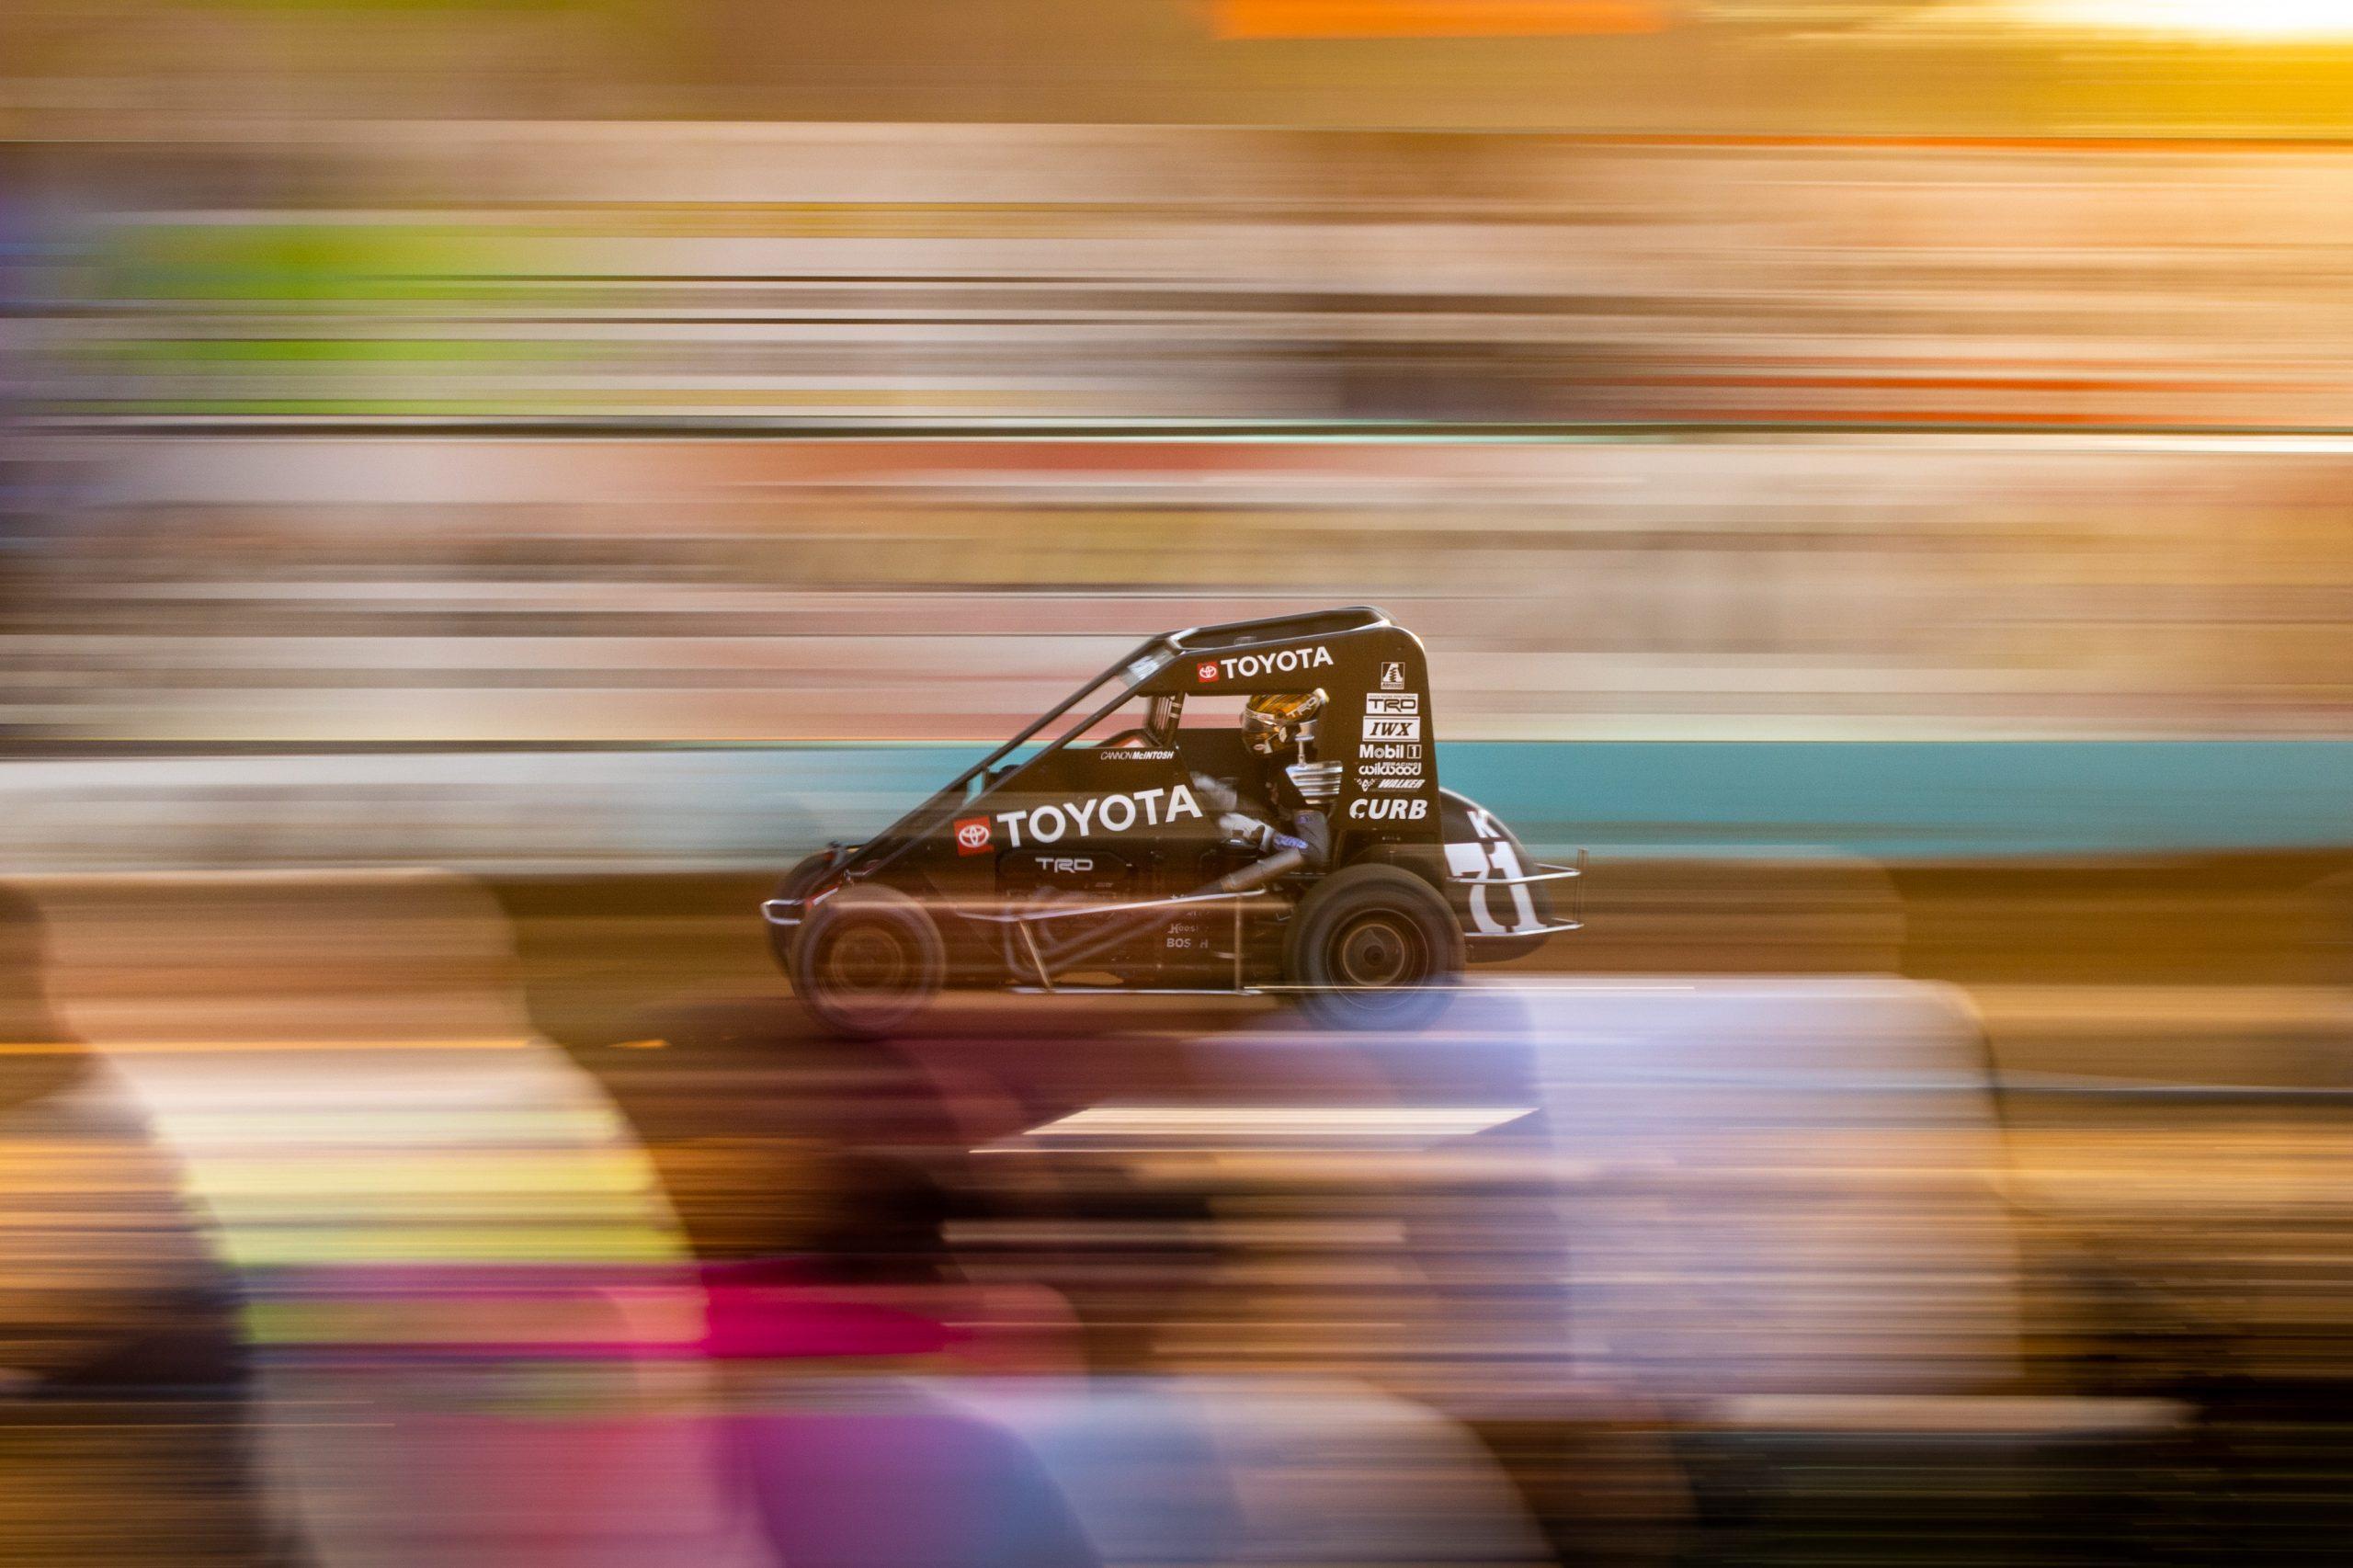 Dirt midget racing